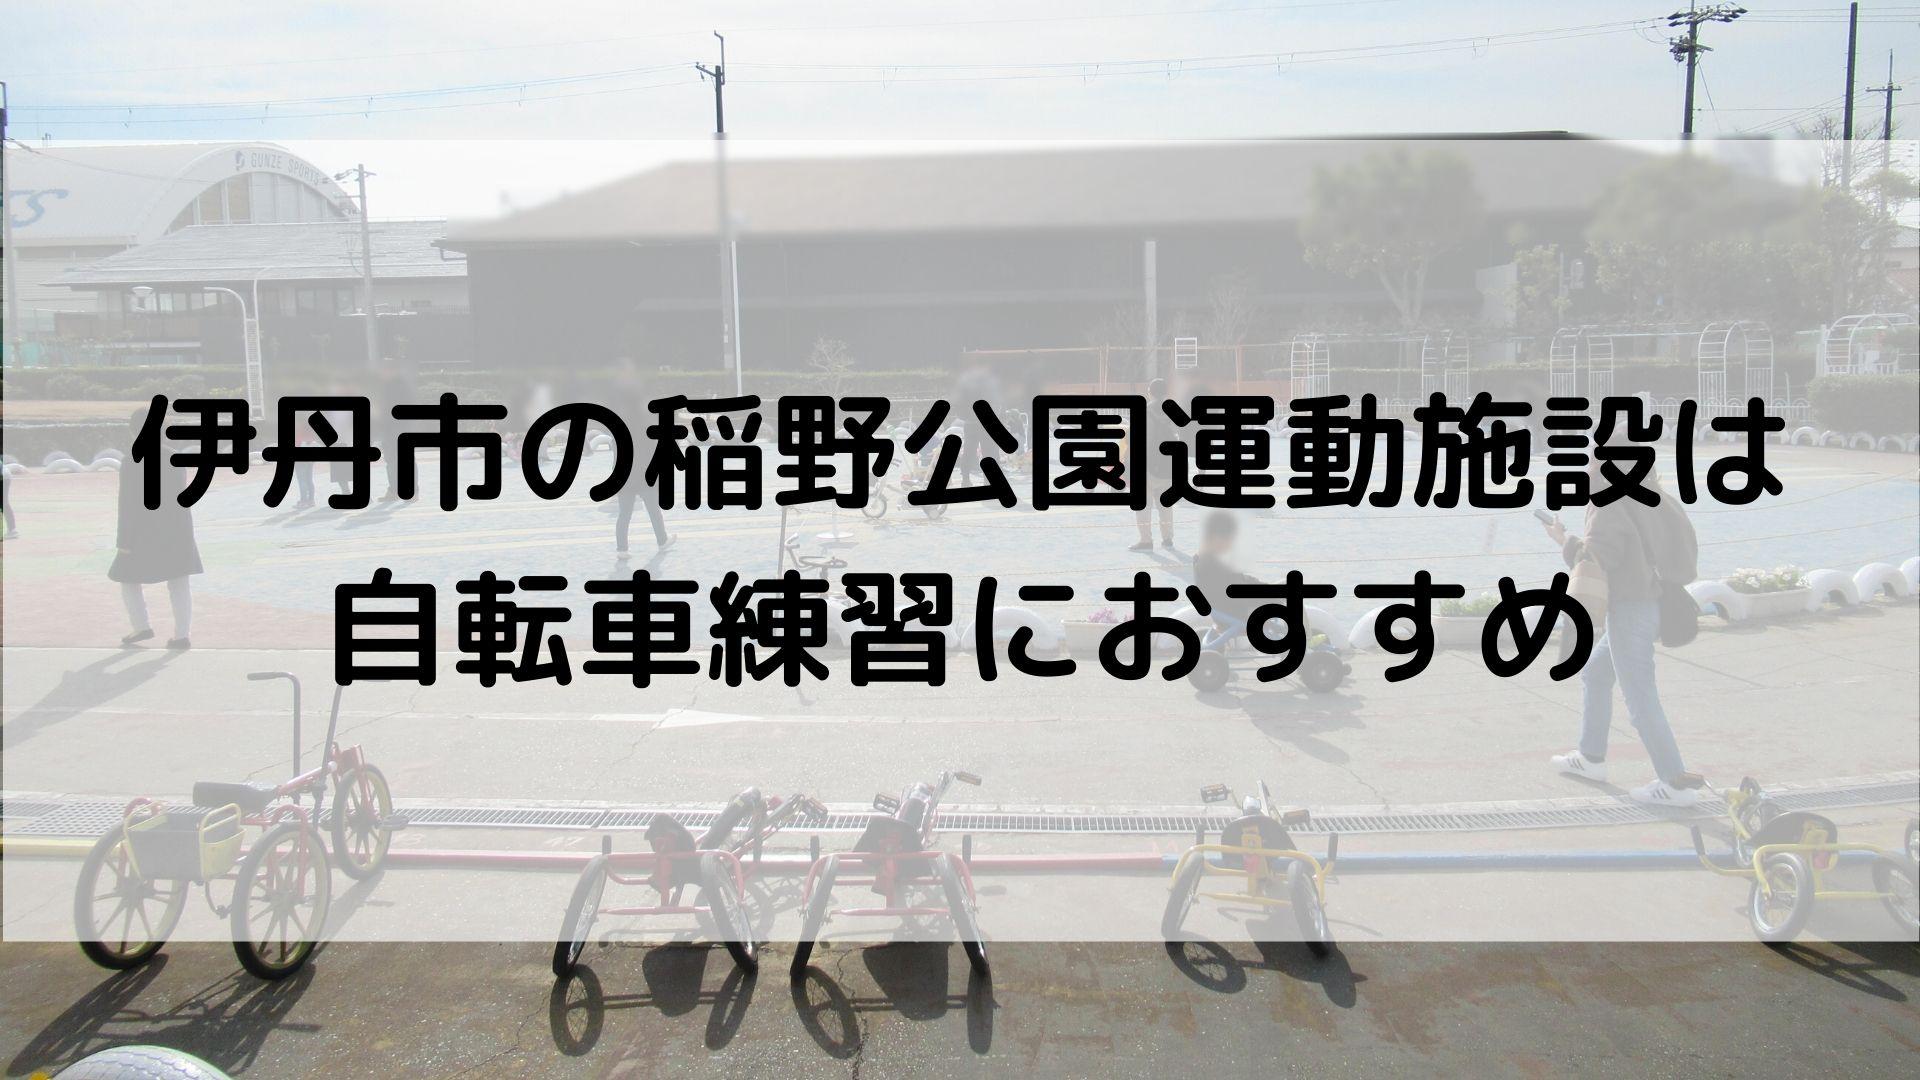 伊丹 稲野公園運動施設 自転車練習 おすすめ